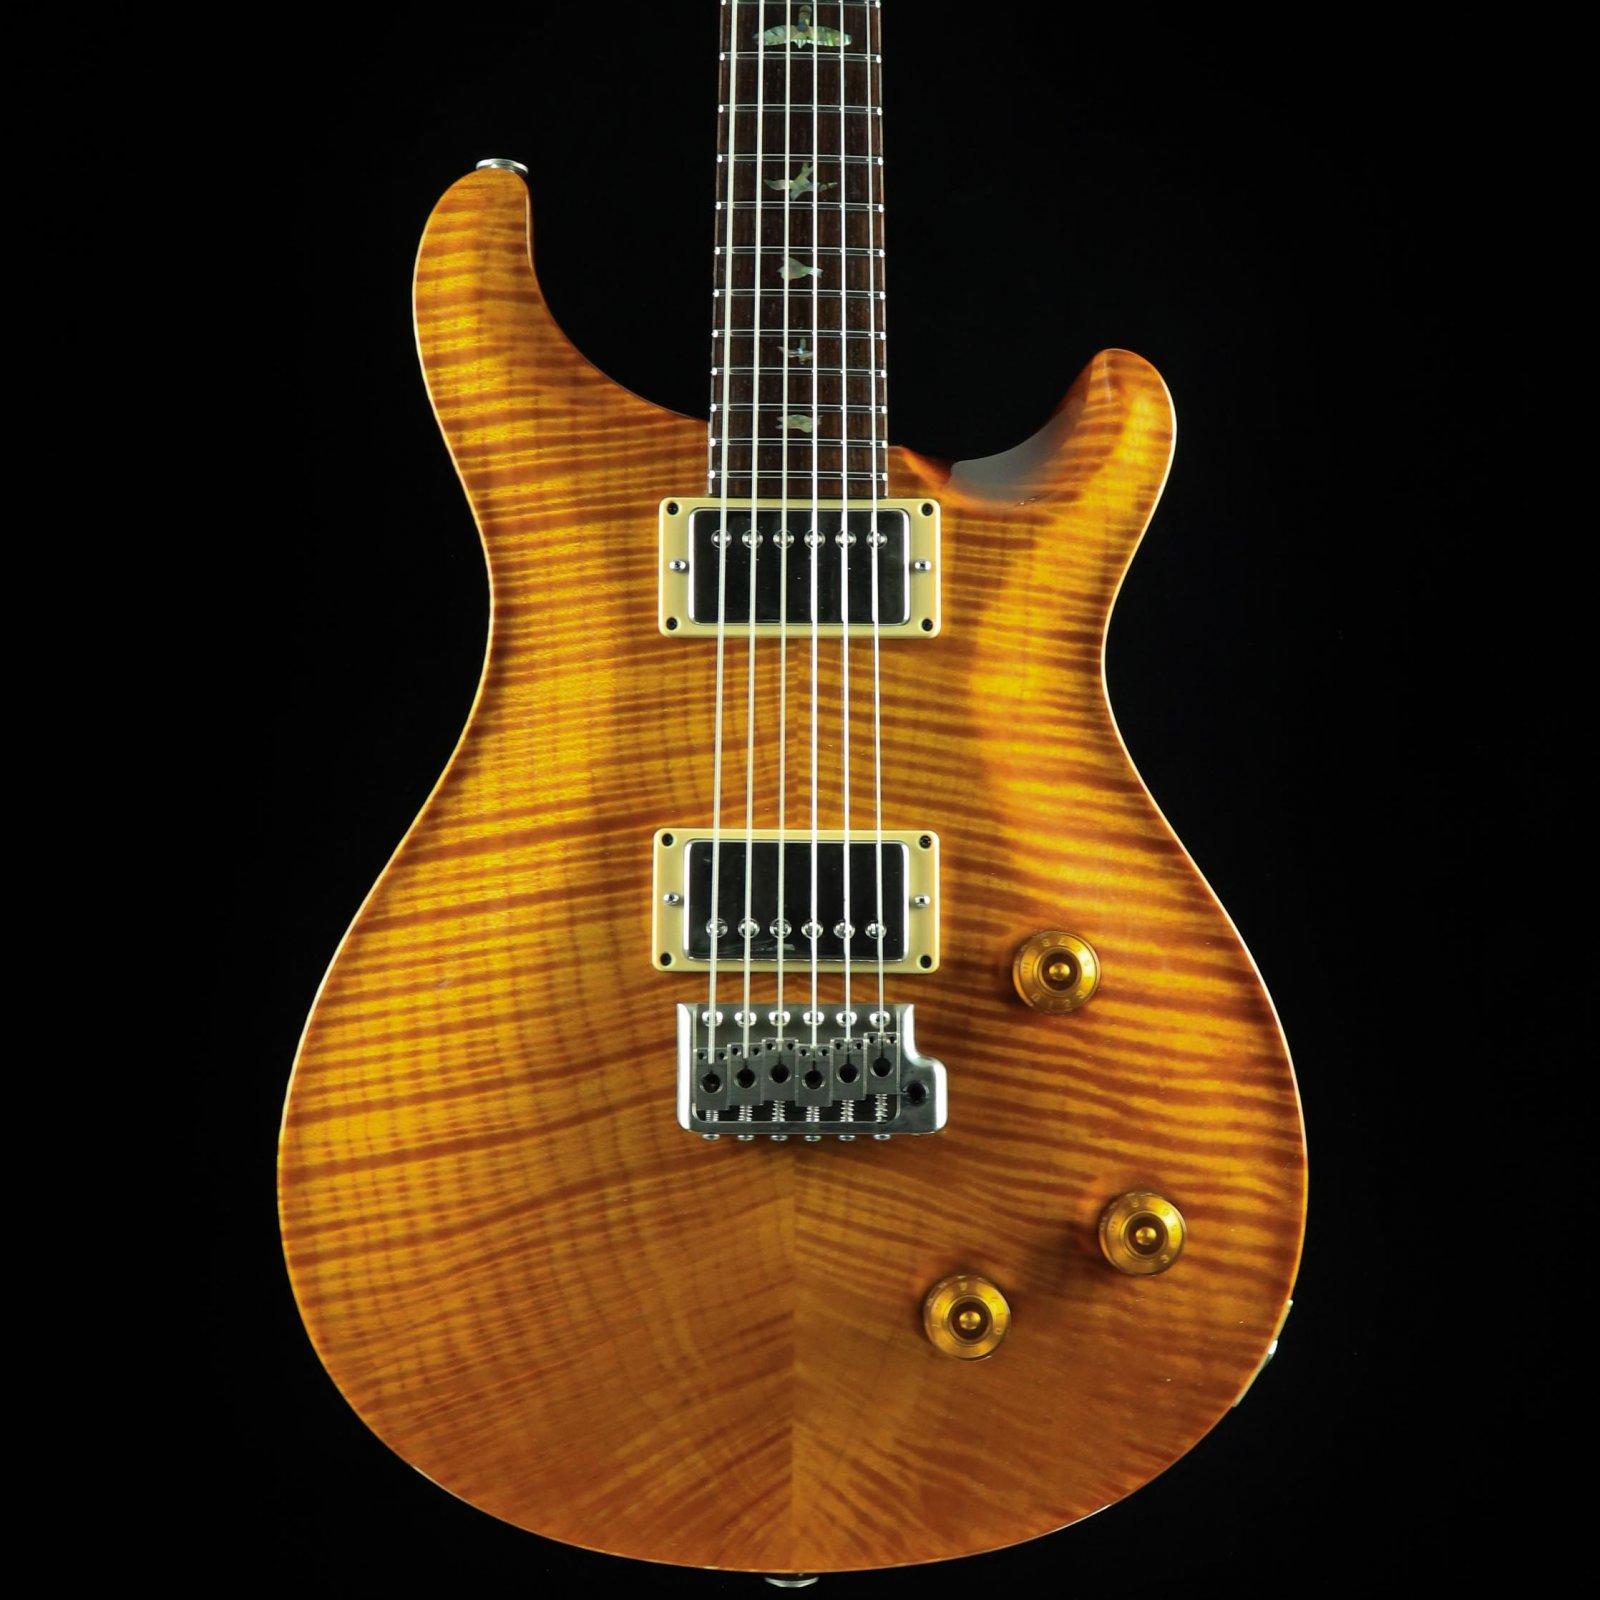 PRS Custom 22 - Violin Amber - 10 Top